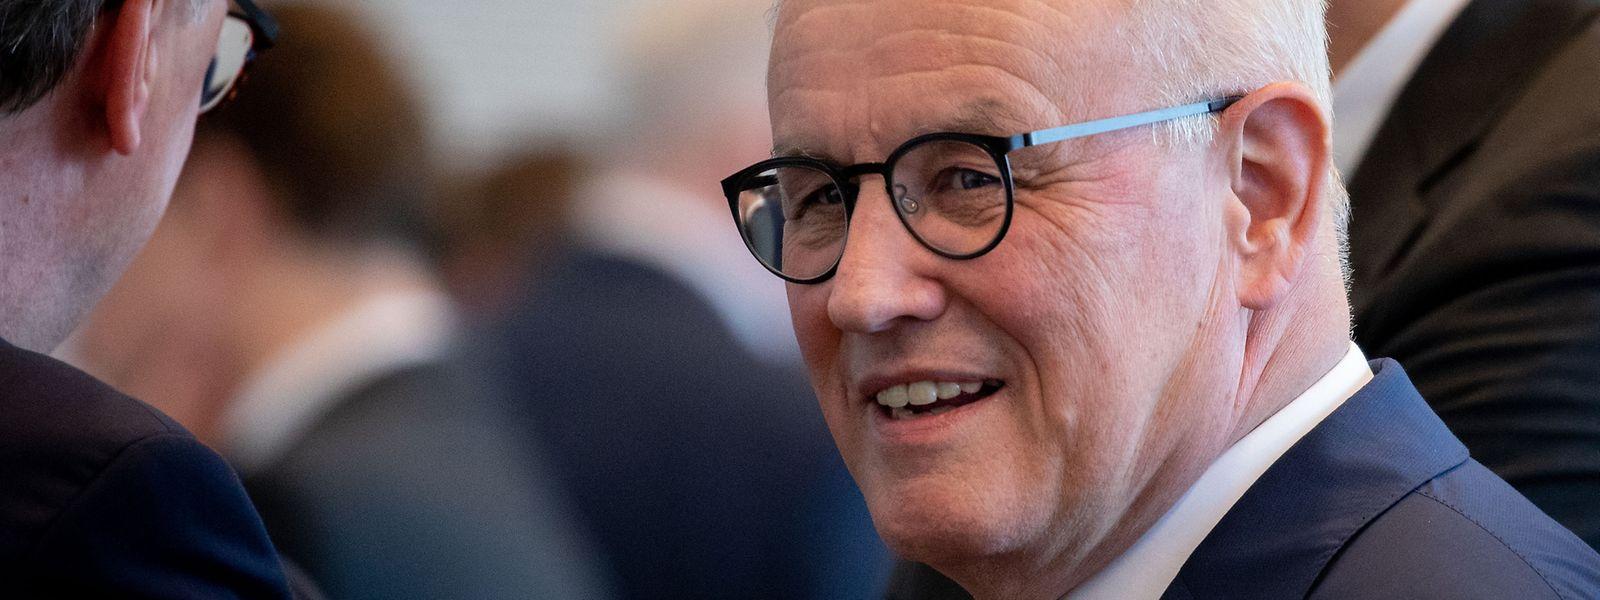 Volker Kauder (CDU), Fraktionsvorsitzender der CDU/CSU Fraktion im Bundestag, wird abgelöst.